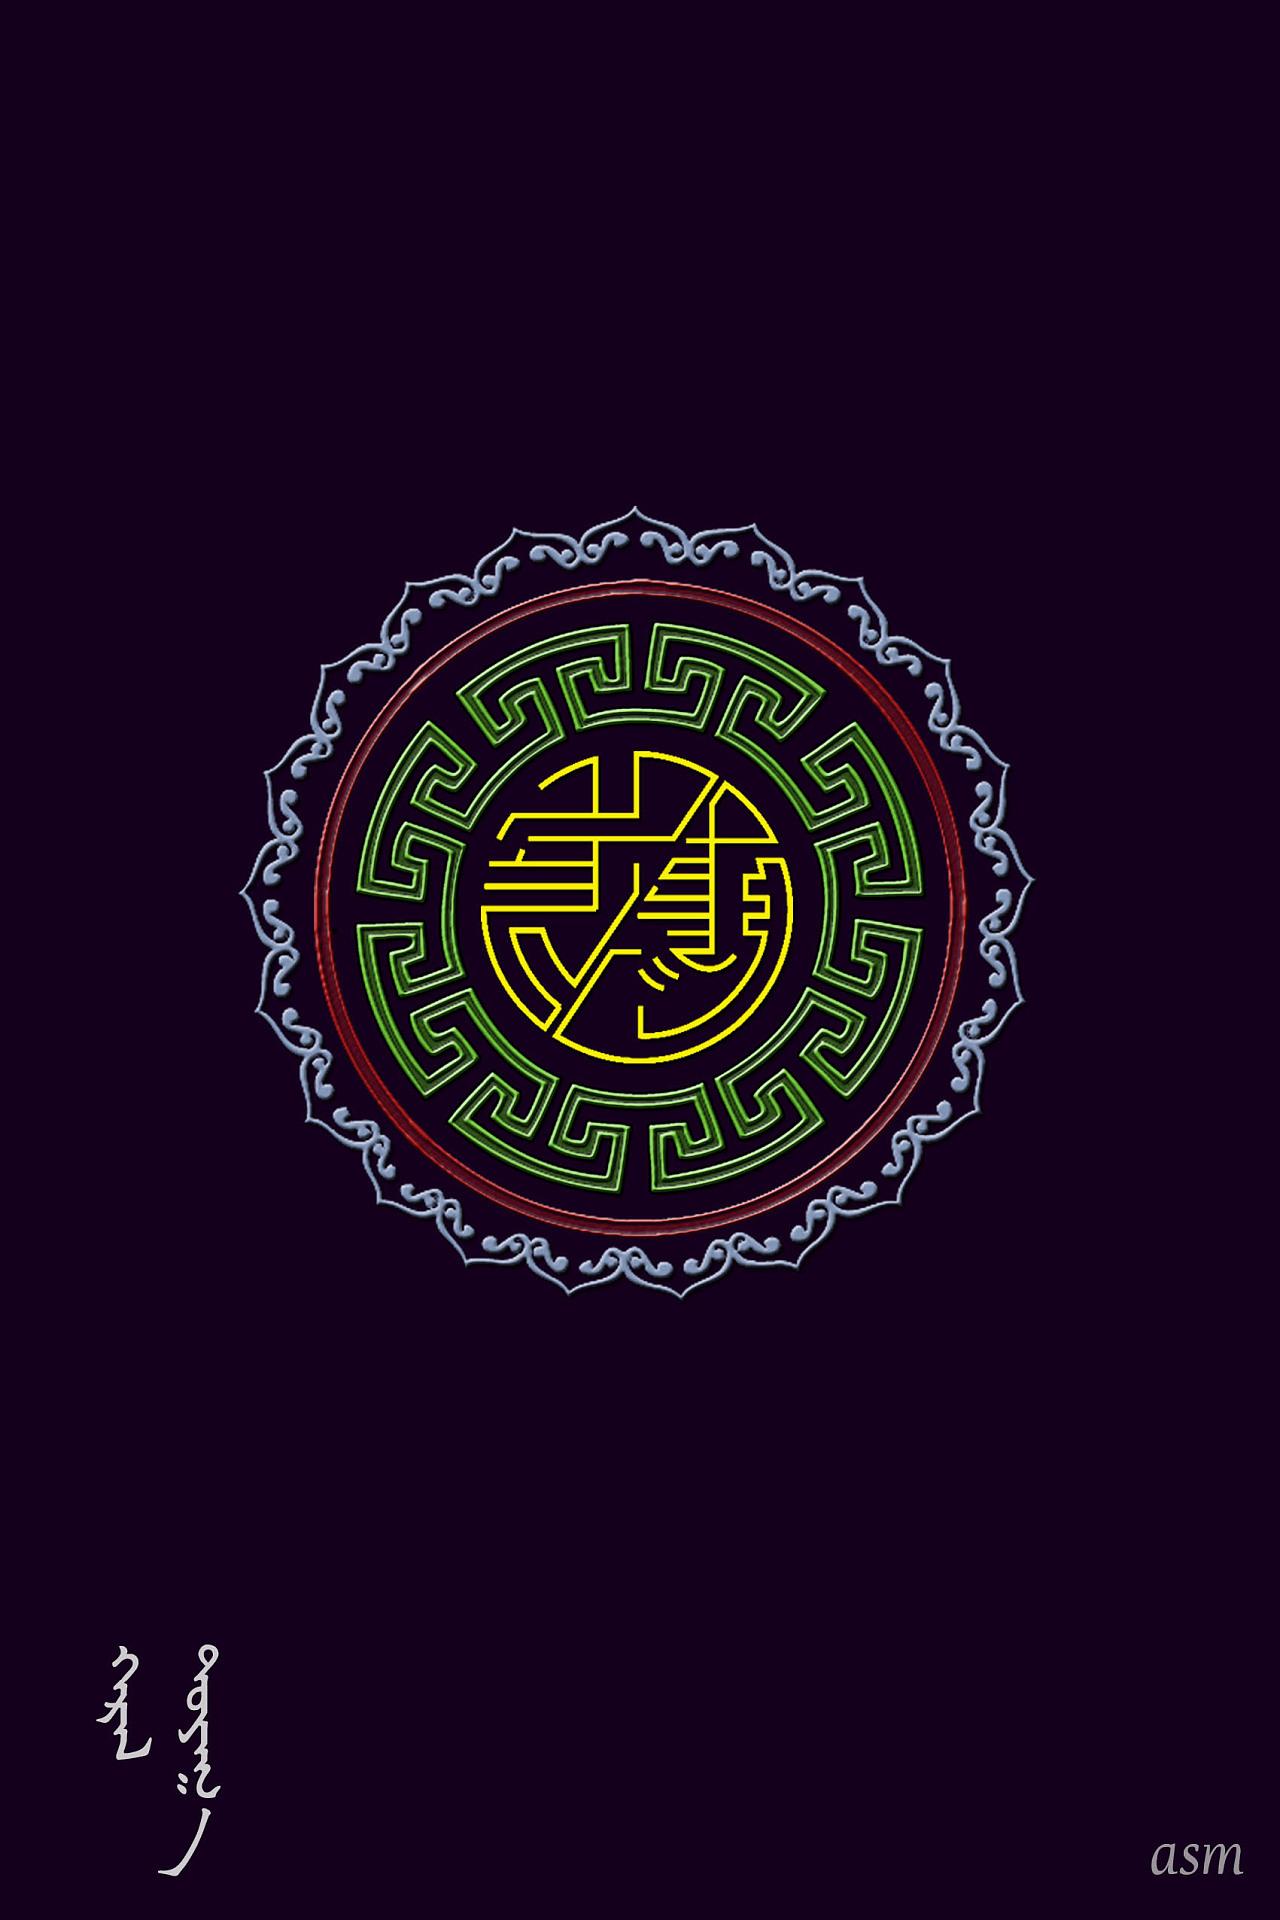 蒙古艺术文字4 -阿斯玛设计 第8张 蒙古艺术文字4 -阿斯玛设计 蒙古设计